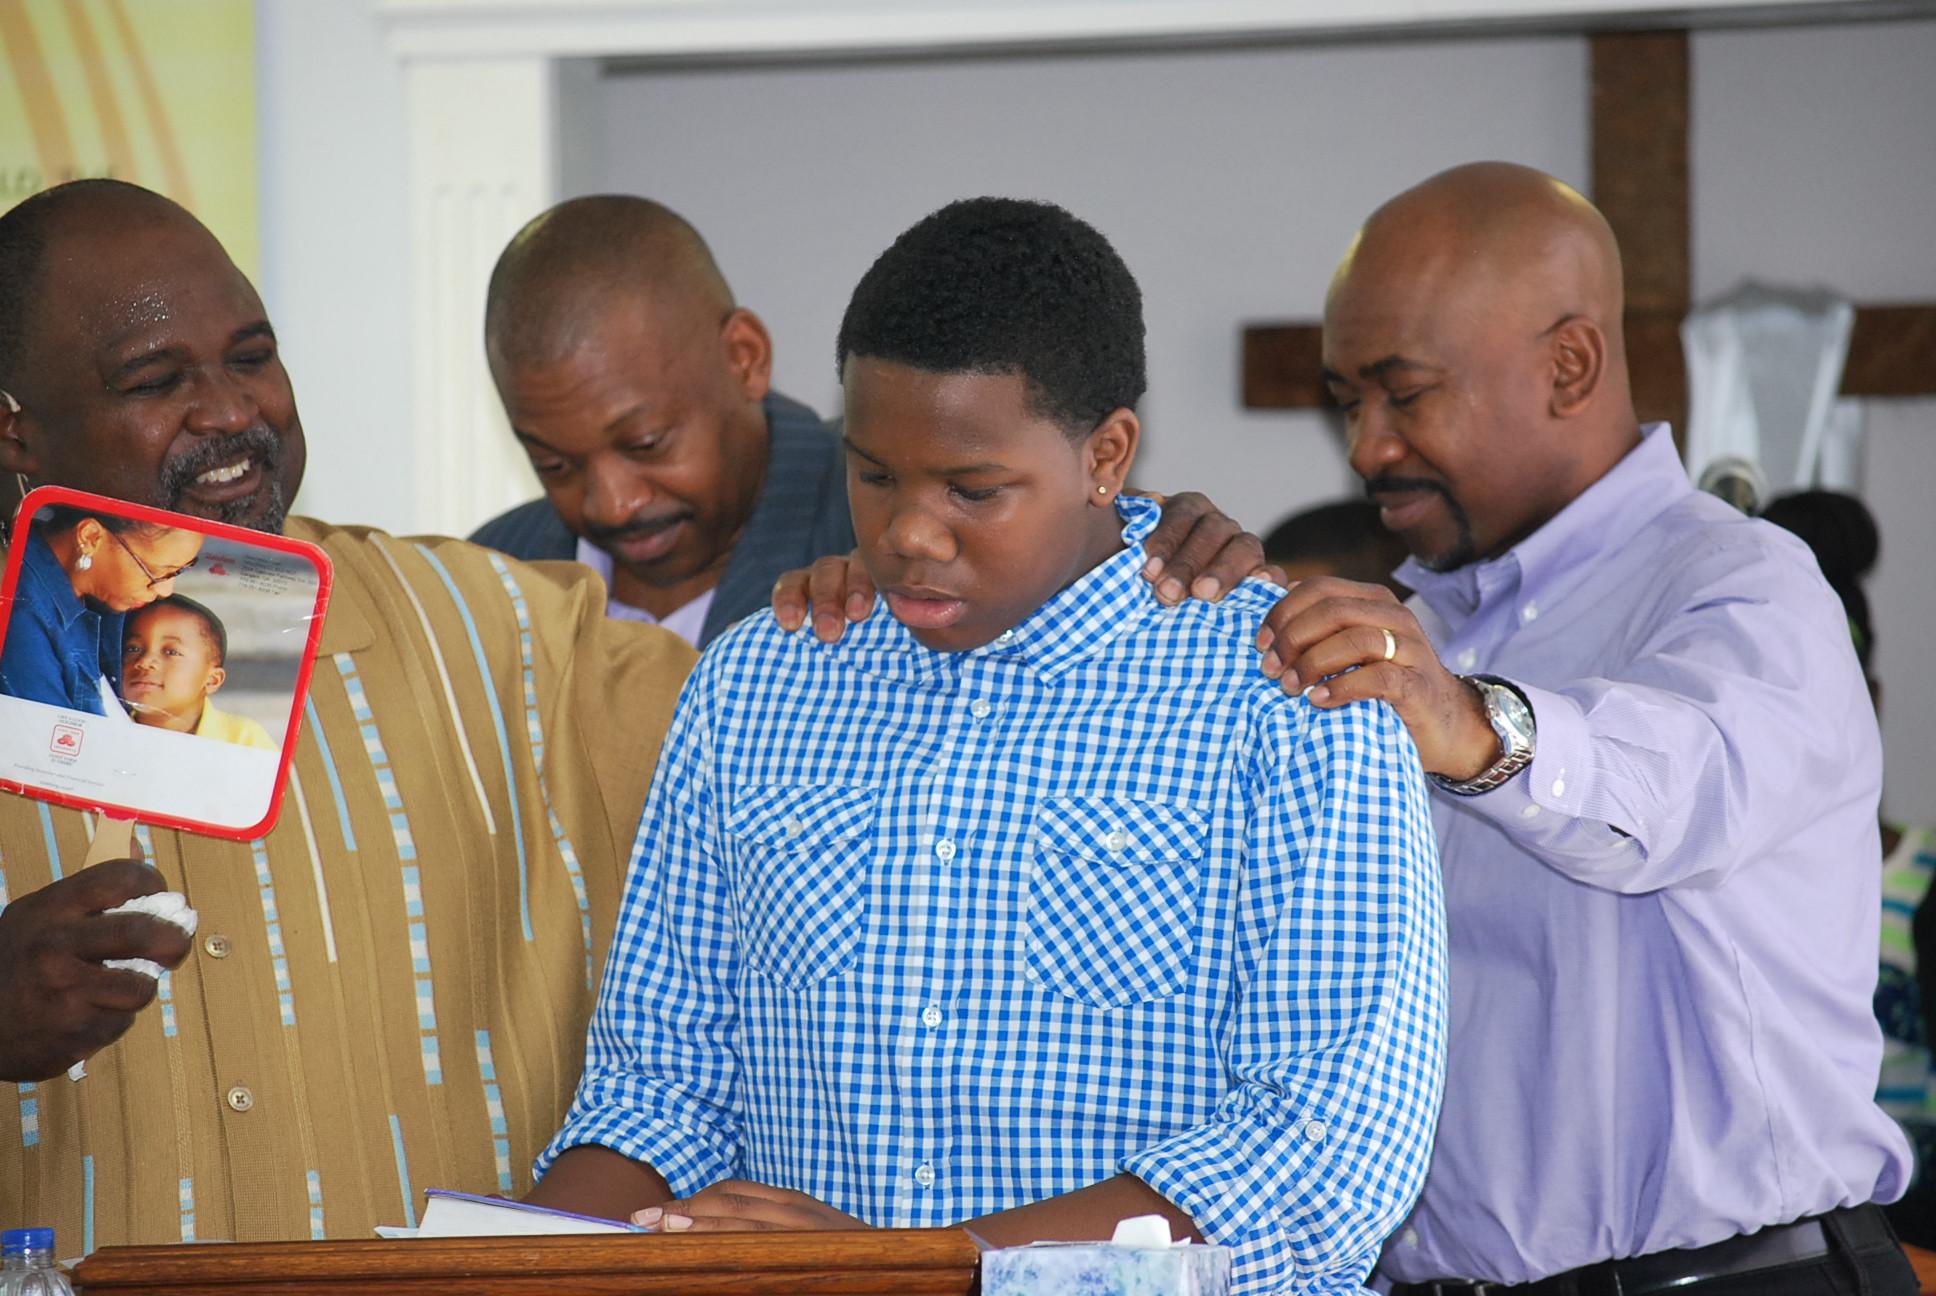 Teen Preparing to Preach